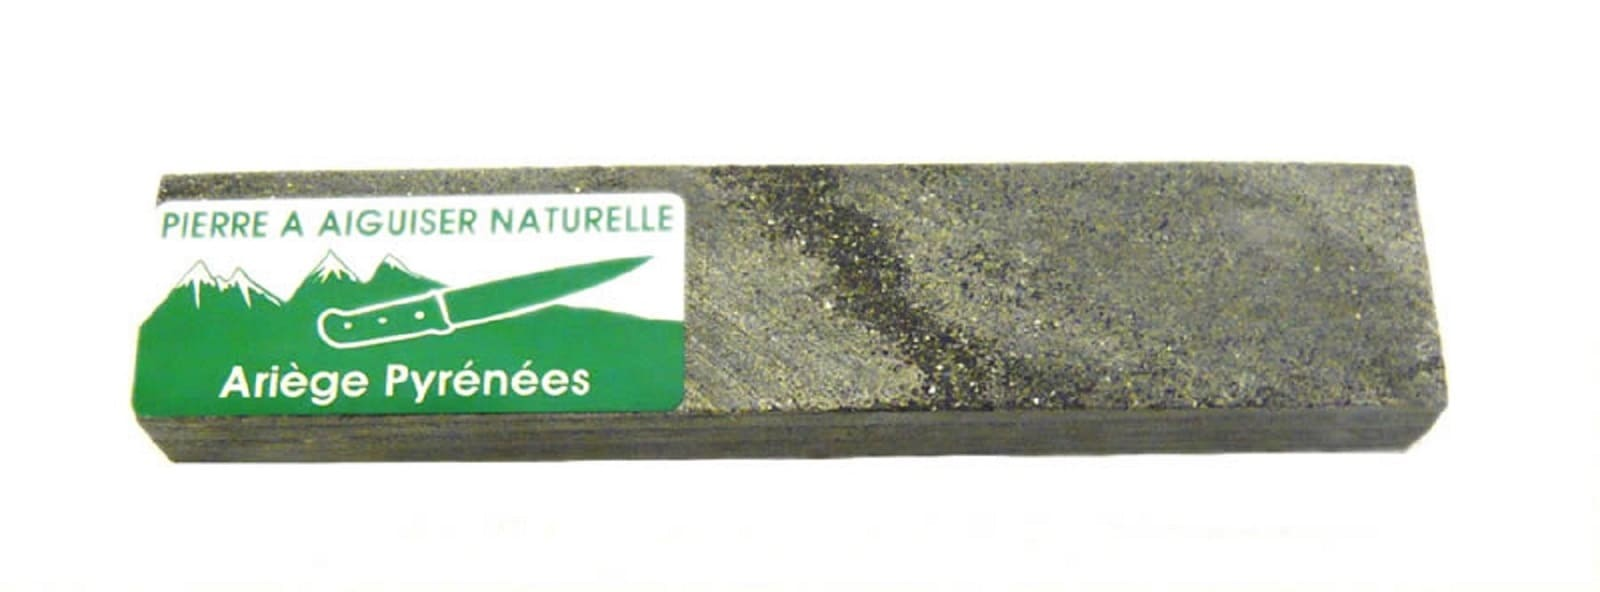 naturelle 14 cm Pyrénées PIERRE A MENUISIER Pierre à aiguiser grain moyen